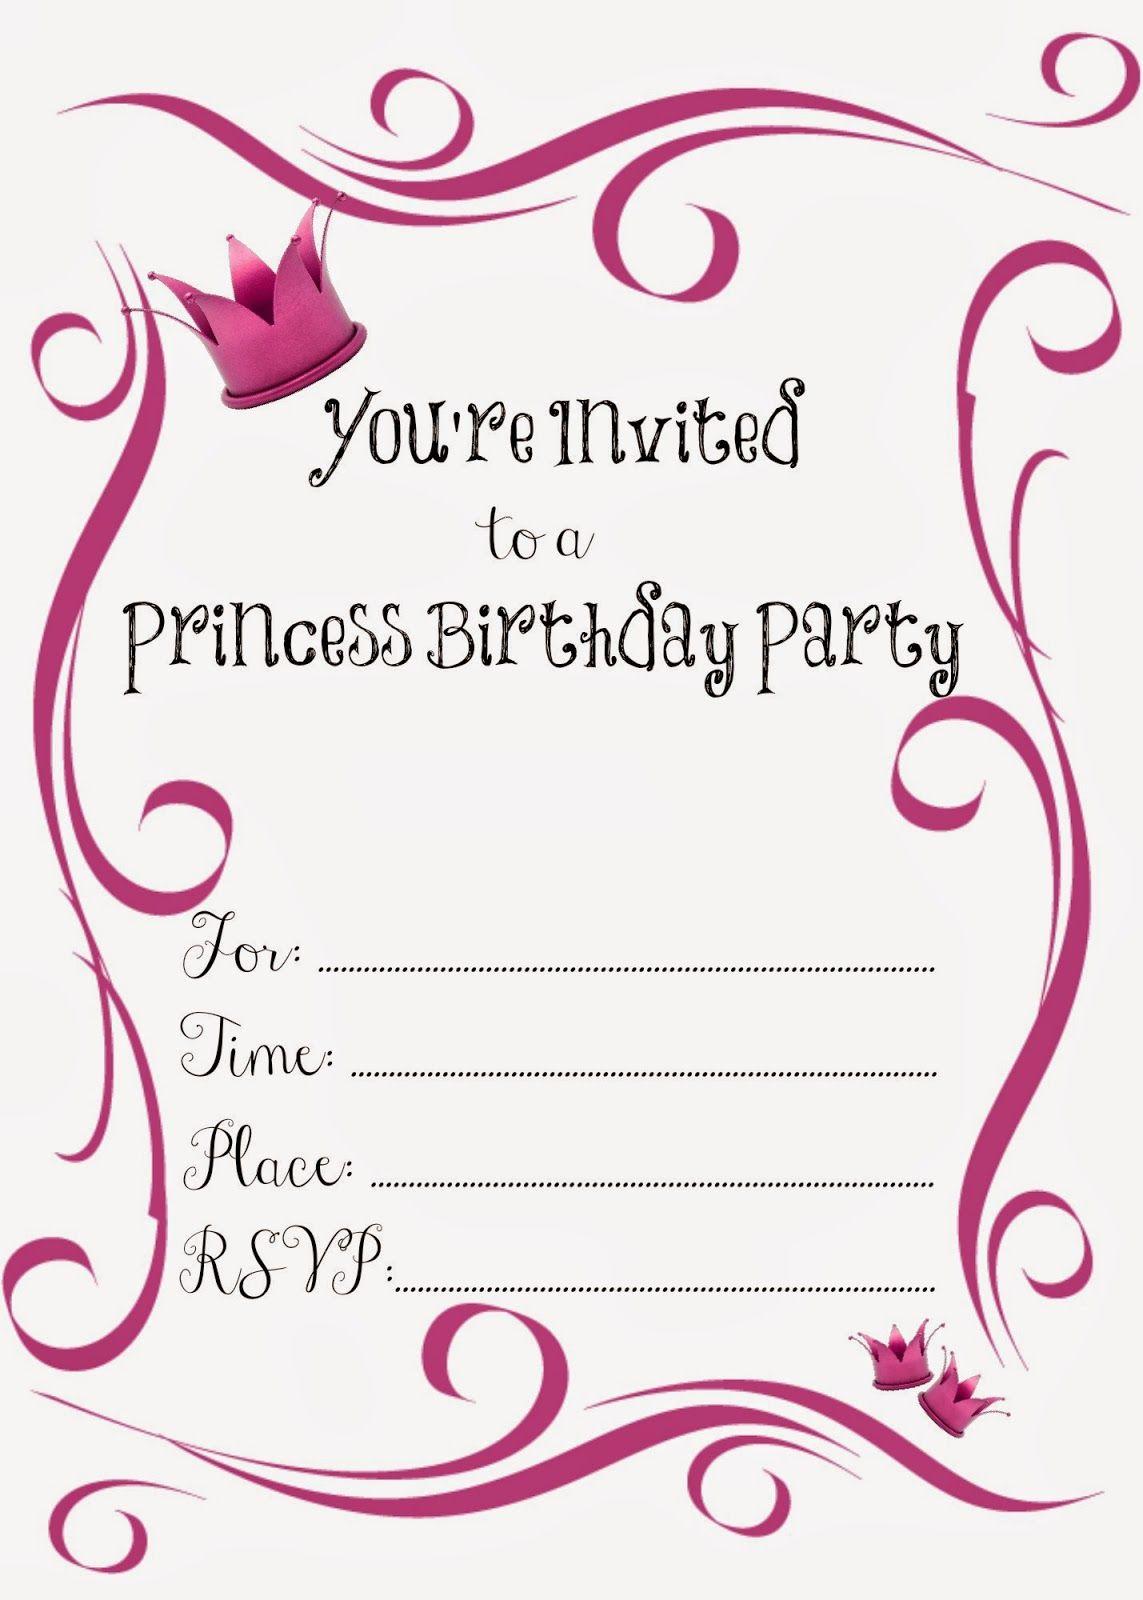 Free Printable Princess Birthday Party Invitations #freeprintables - Free Printable Princess Invitation Cards